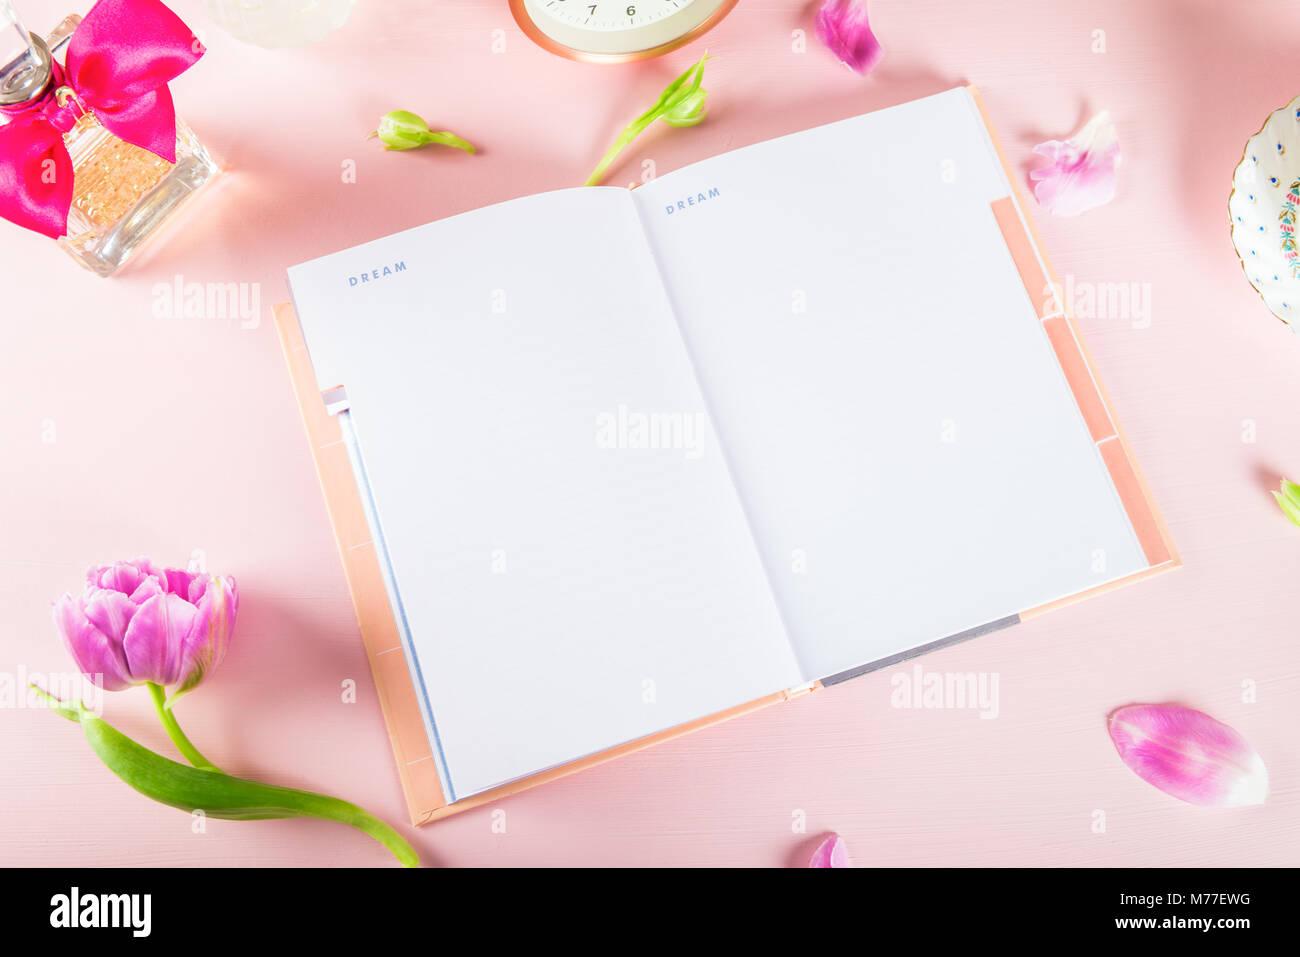 Ordinateur portable ouvert pour écrire les plans ou les rêves, girly paramètres sur la table avec Photo Stock